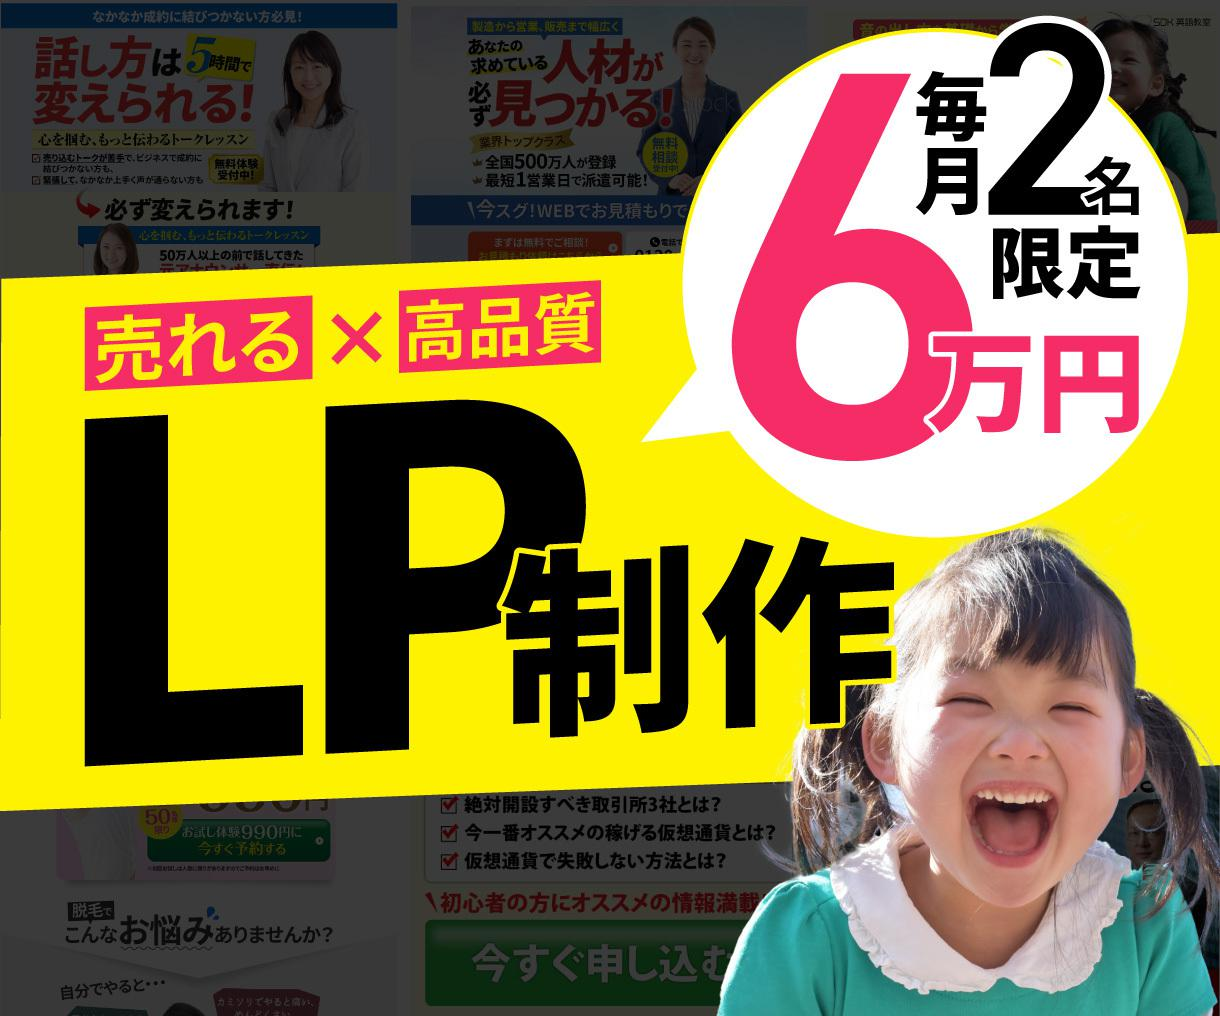 反応UP!セールスに特化したLP制作いたします 集客をアップさせる効果的・高品質なデザインをご提案! イメージ1